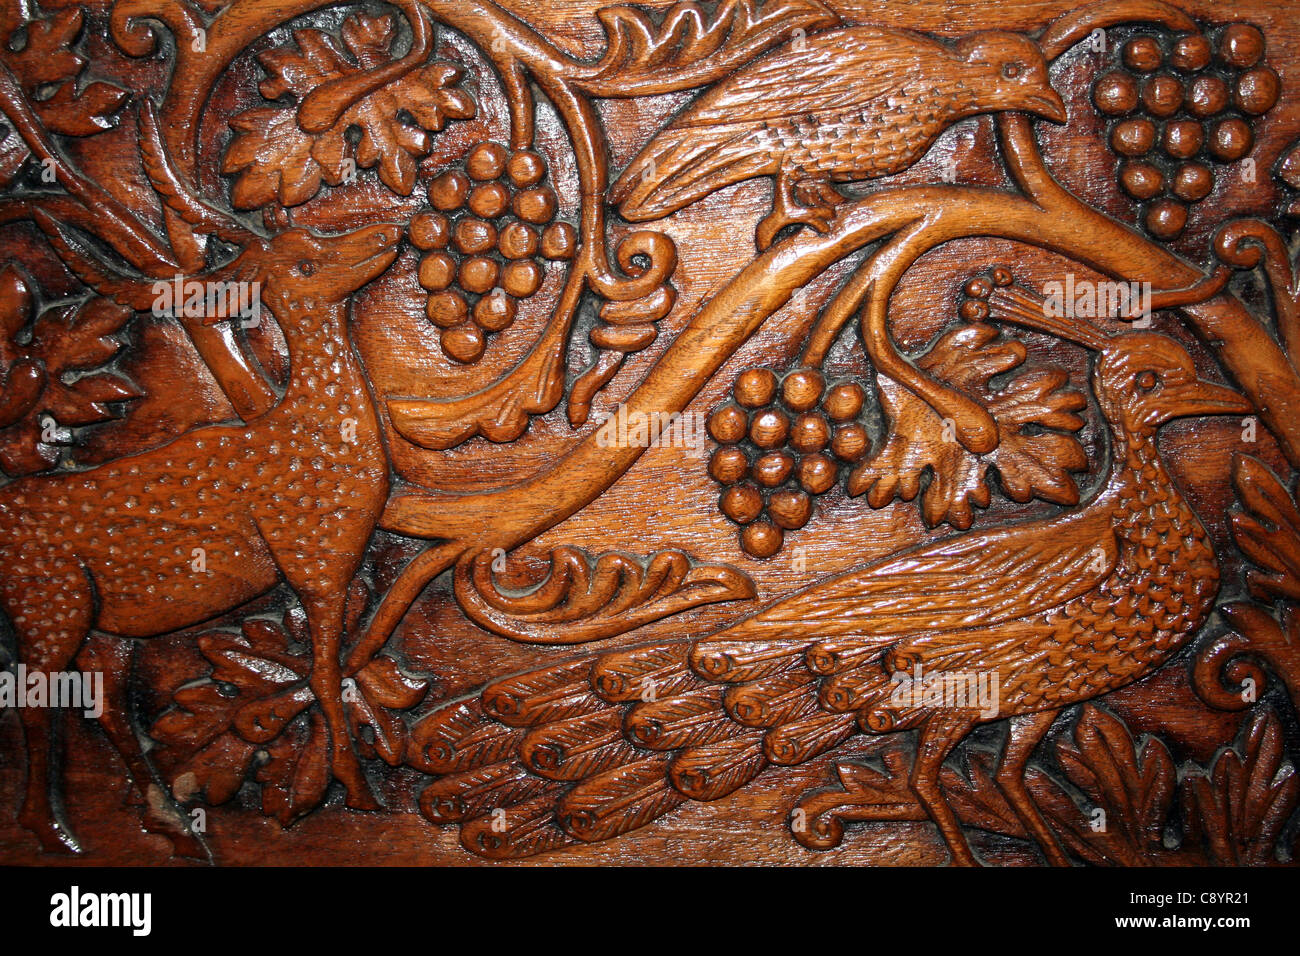 bird wood carving stock